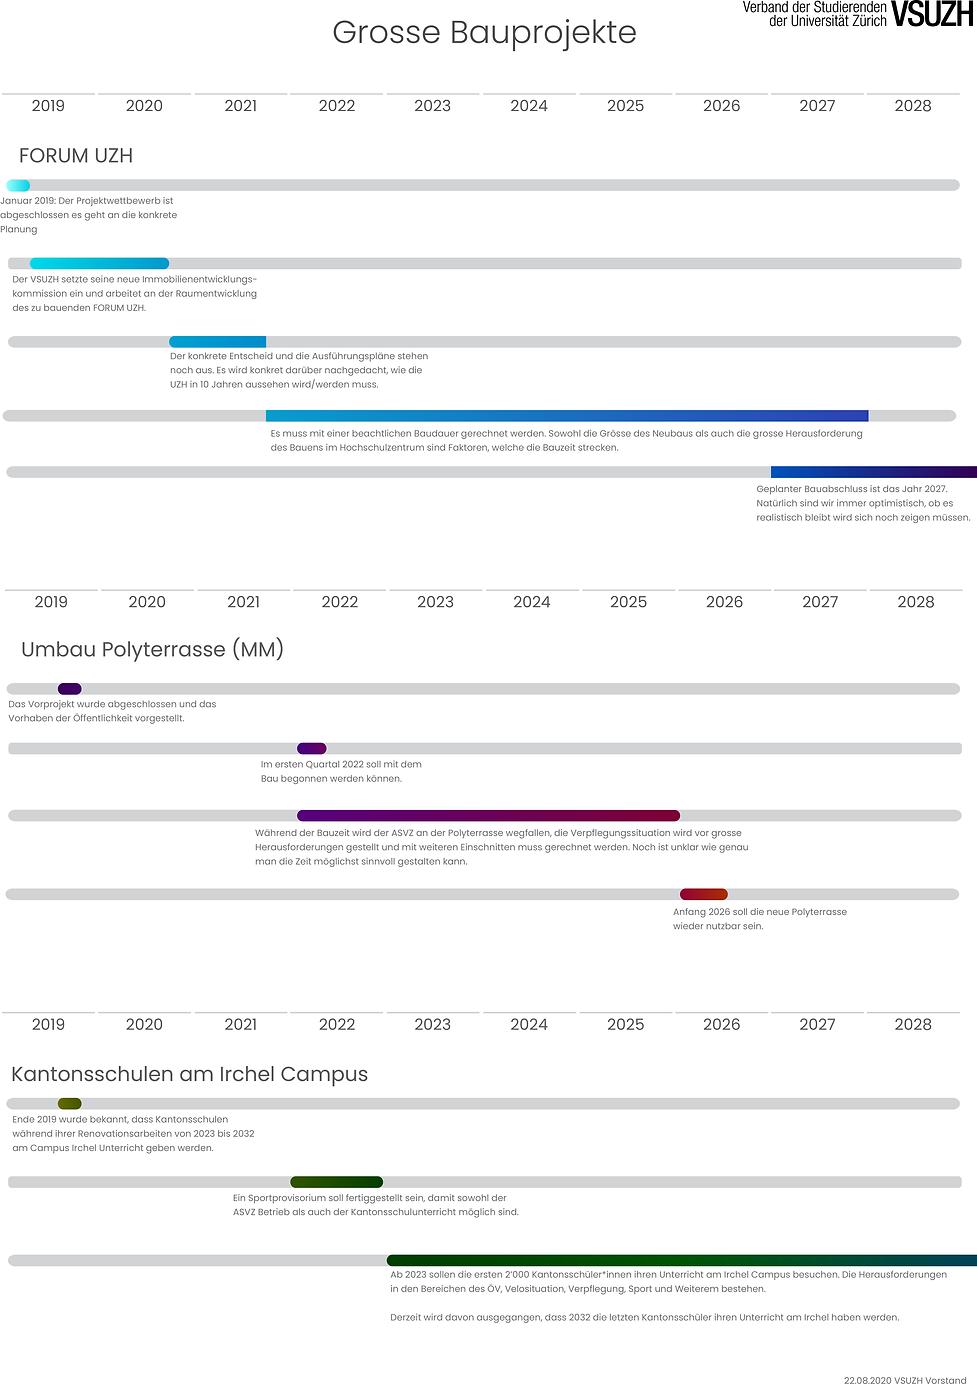 Timeline Bau v0.1.png